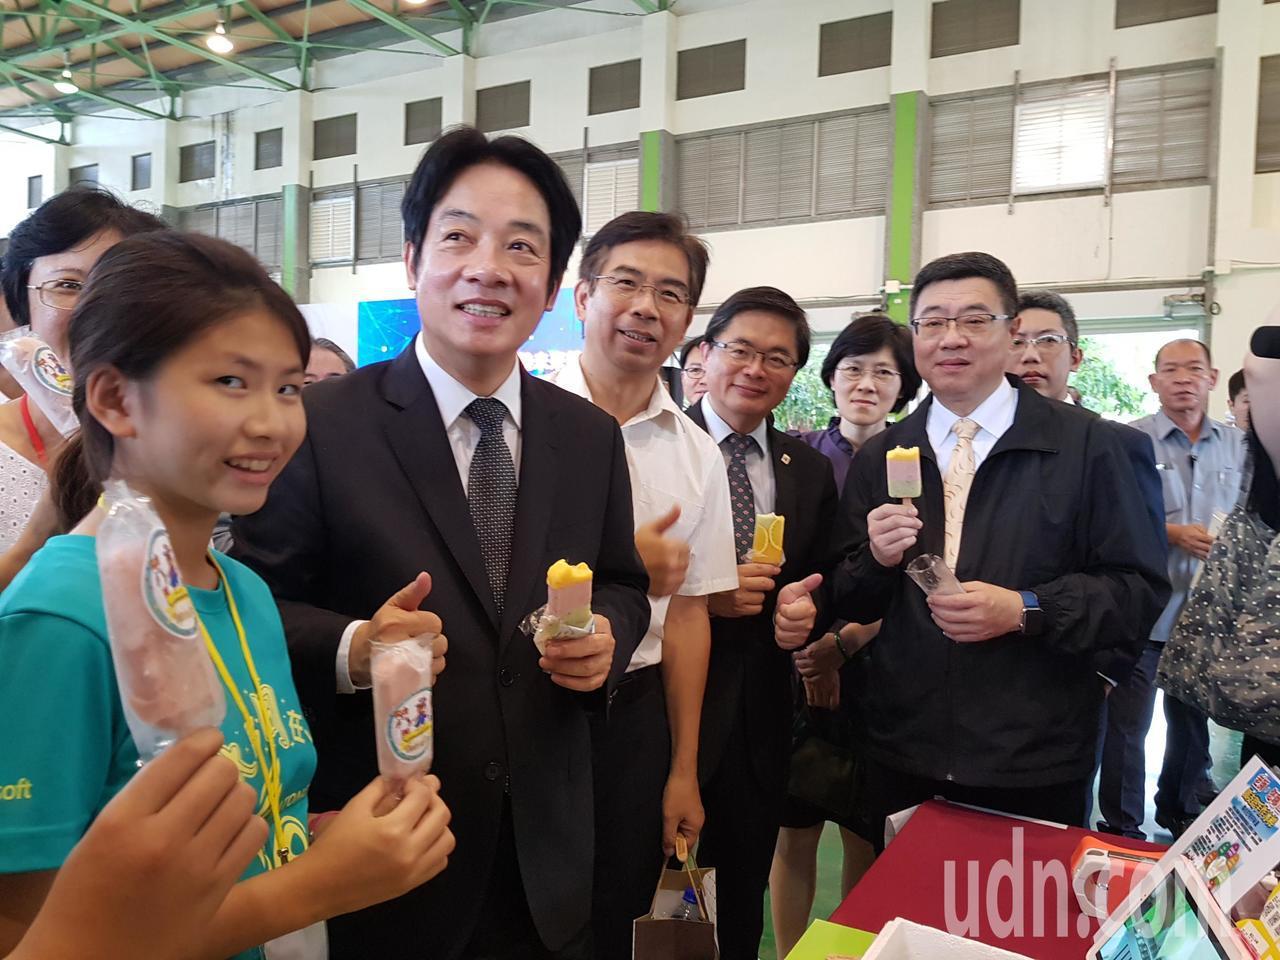 行政院長賴清德上午南下台南宣布設立科學教育體驗未來館 記者修瑞瑩/攝影